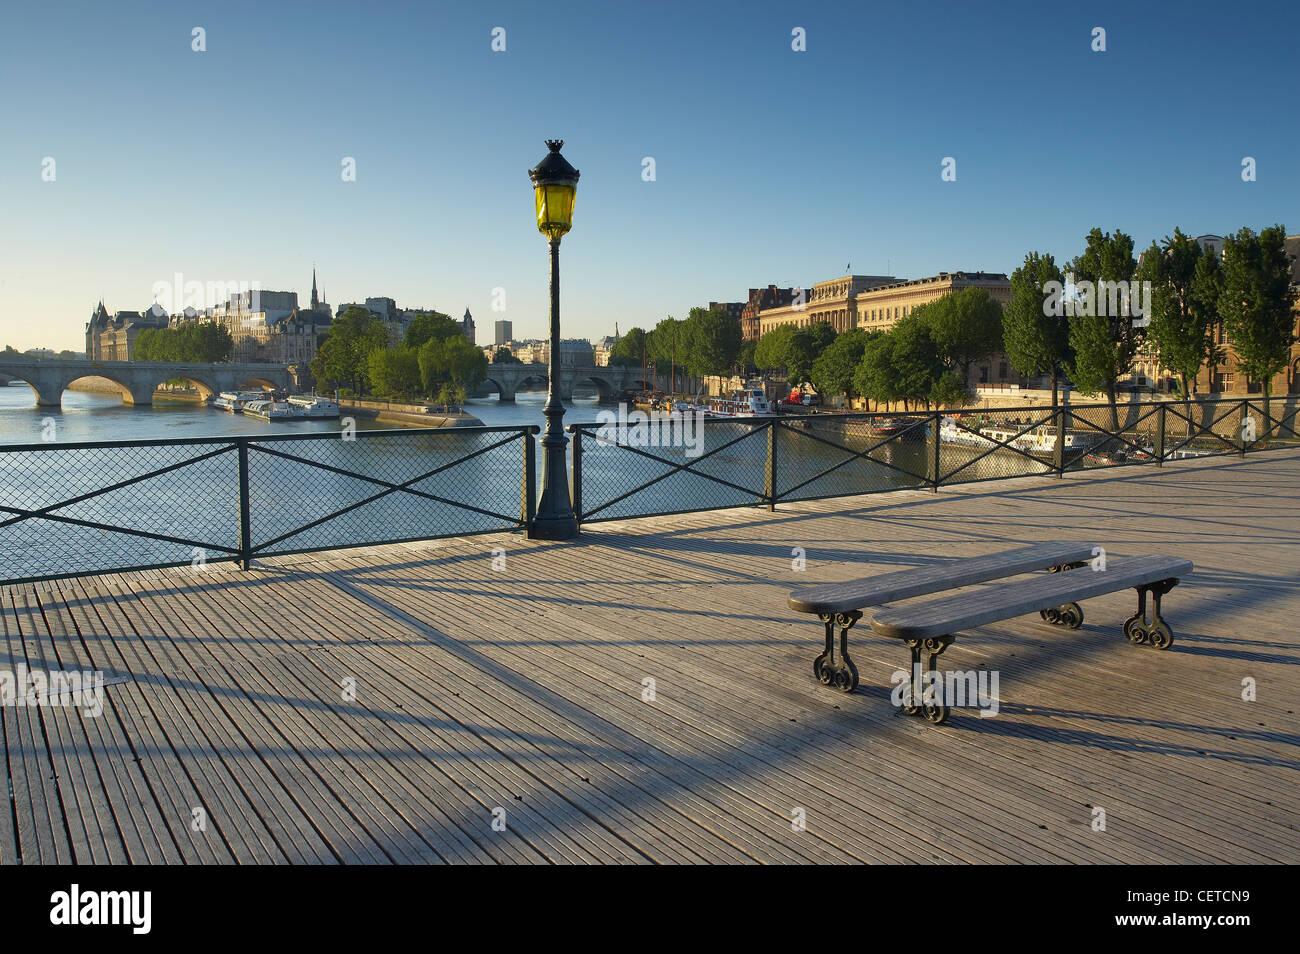 the Pont des Arts over the River Seine with the Ile de la Cite beyond, Paris, France - Stock Image